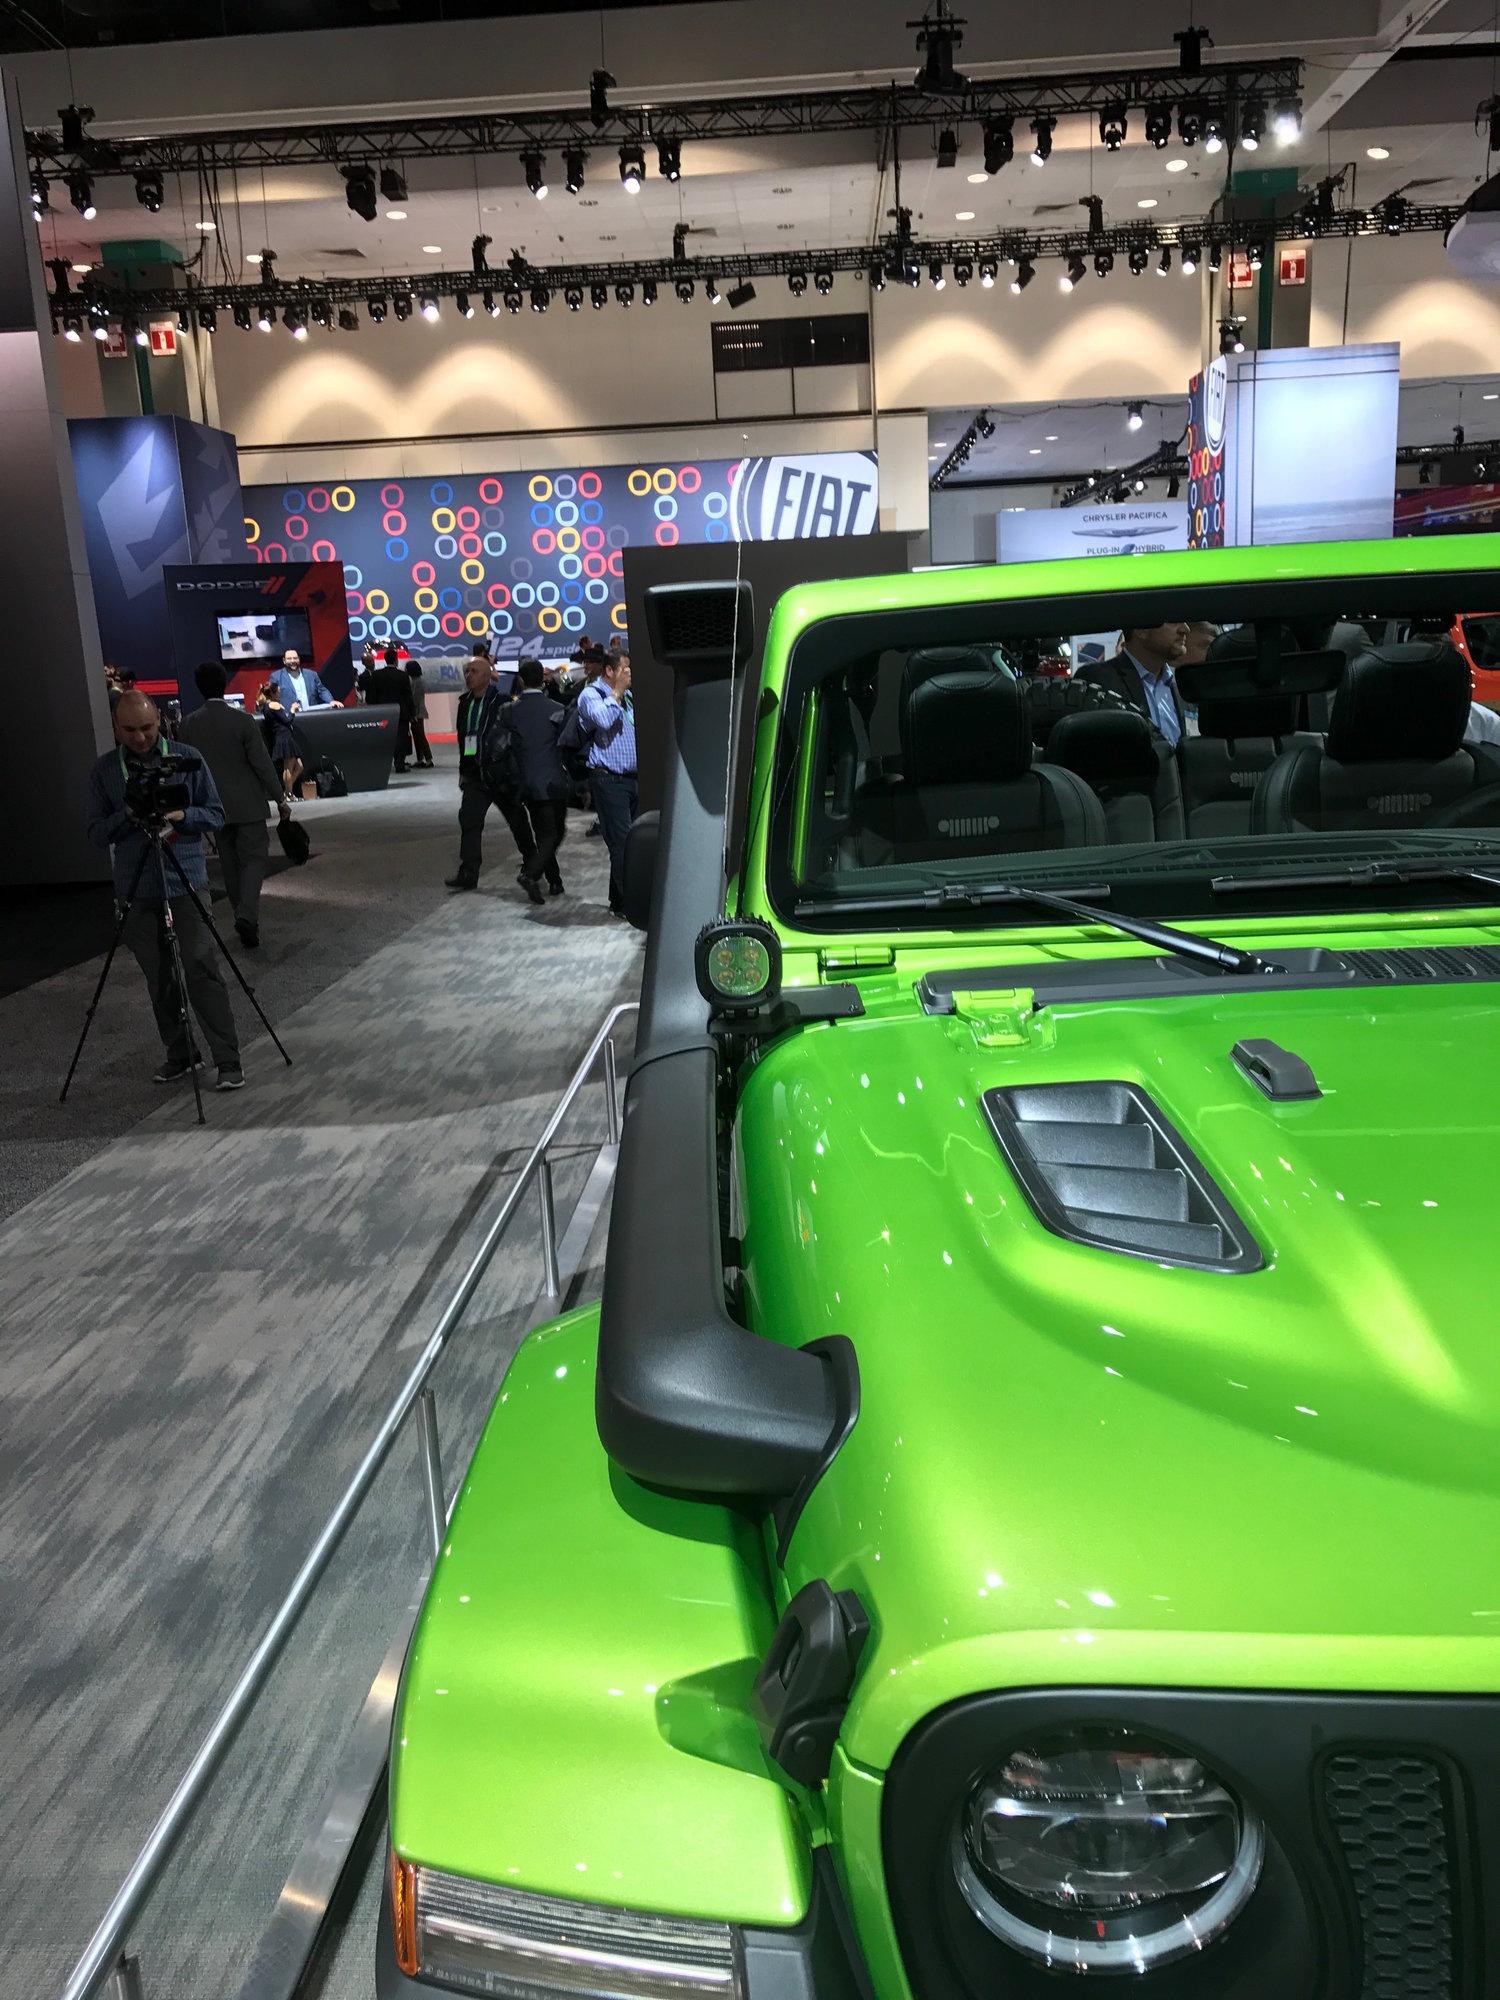 Moparmodified fourdoor 2018 Jeep Wrangler Rubicon at the